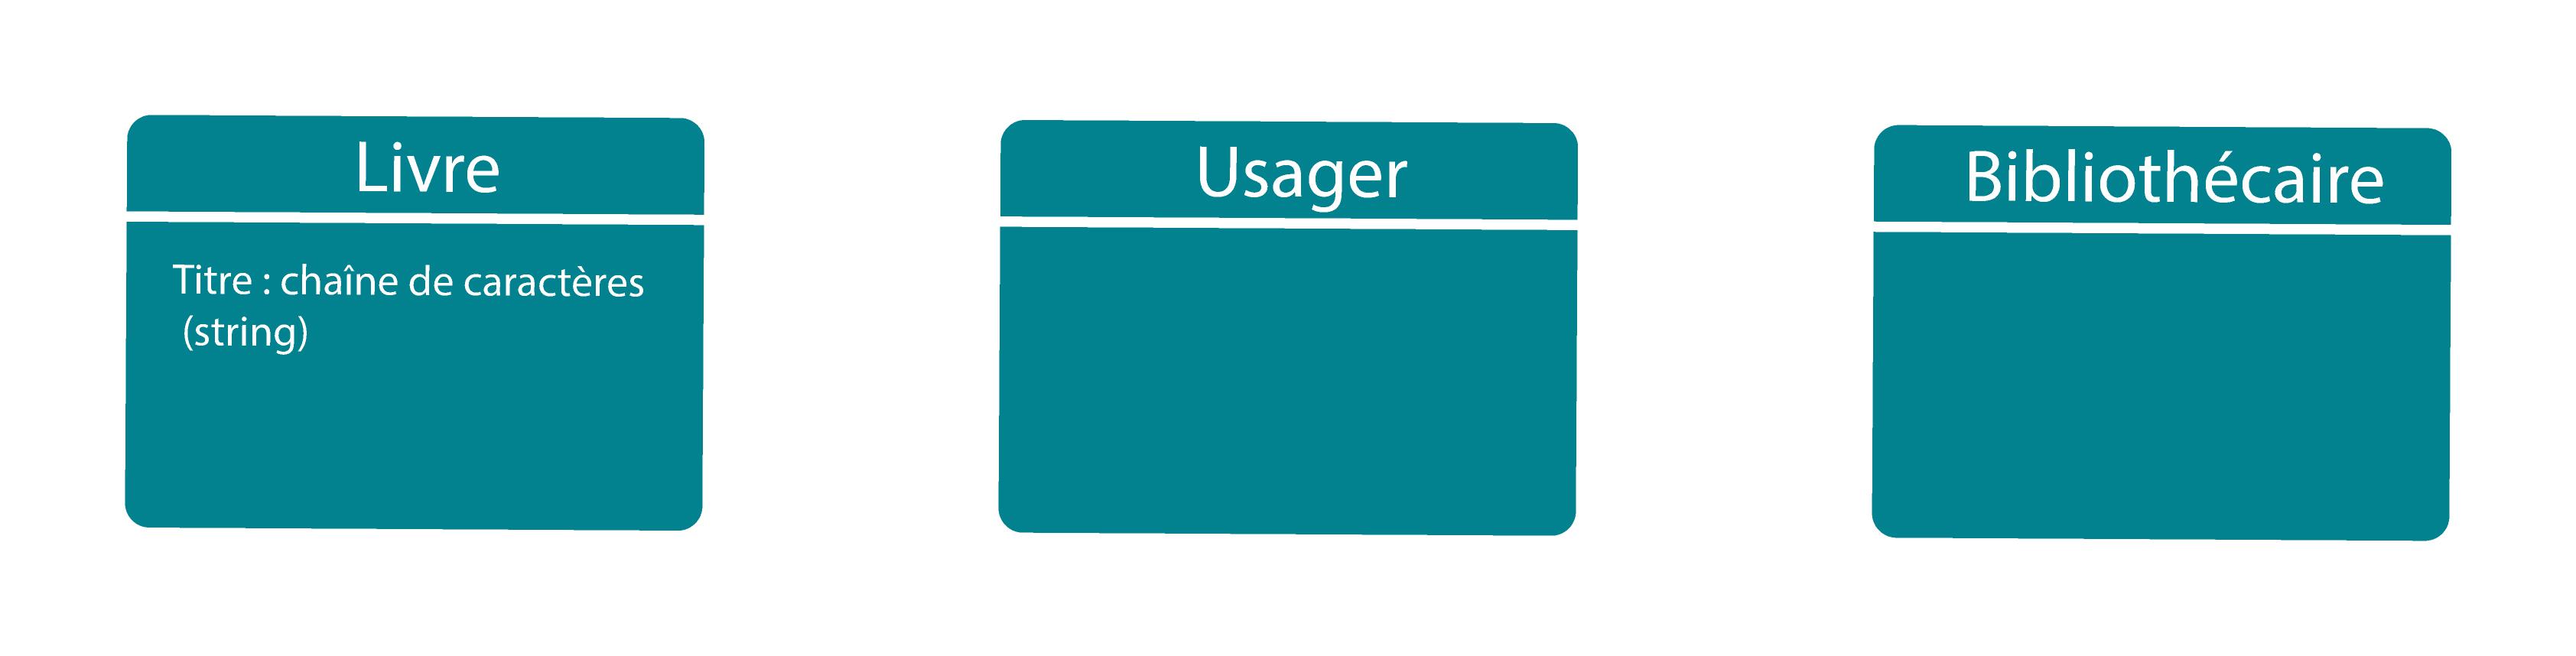 Image représentant le diagramme de classes avec les classes Livre, Usager et Bibliothèque.